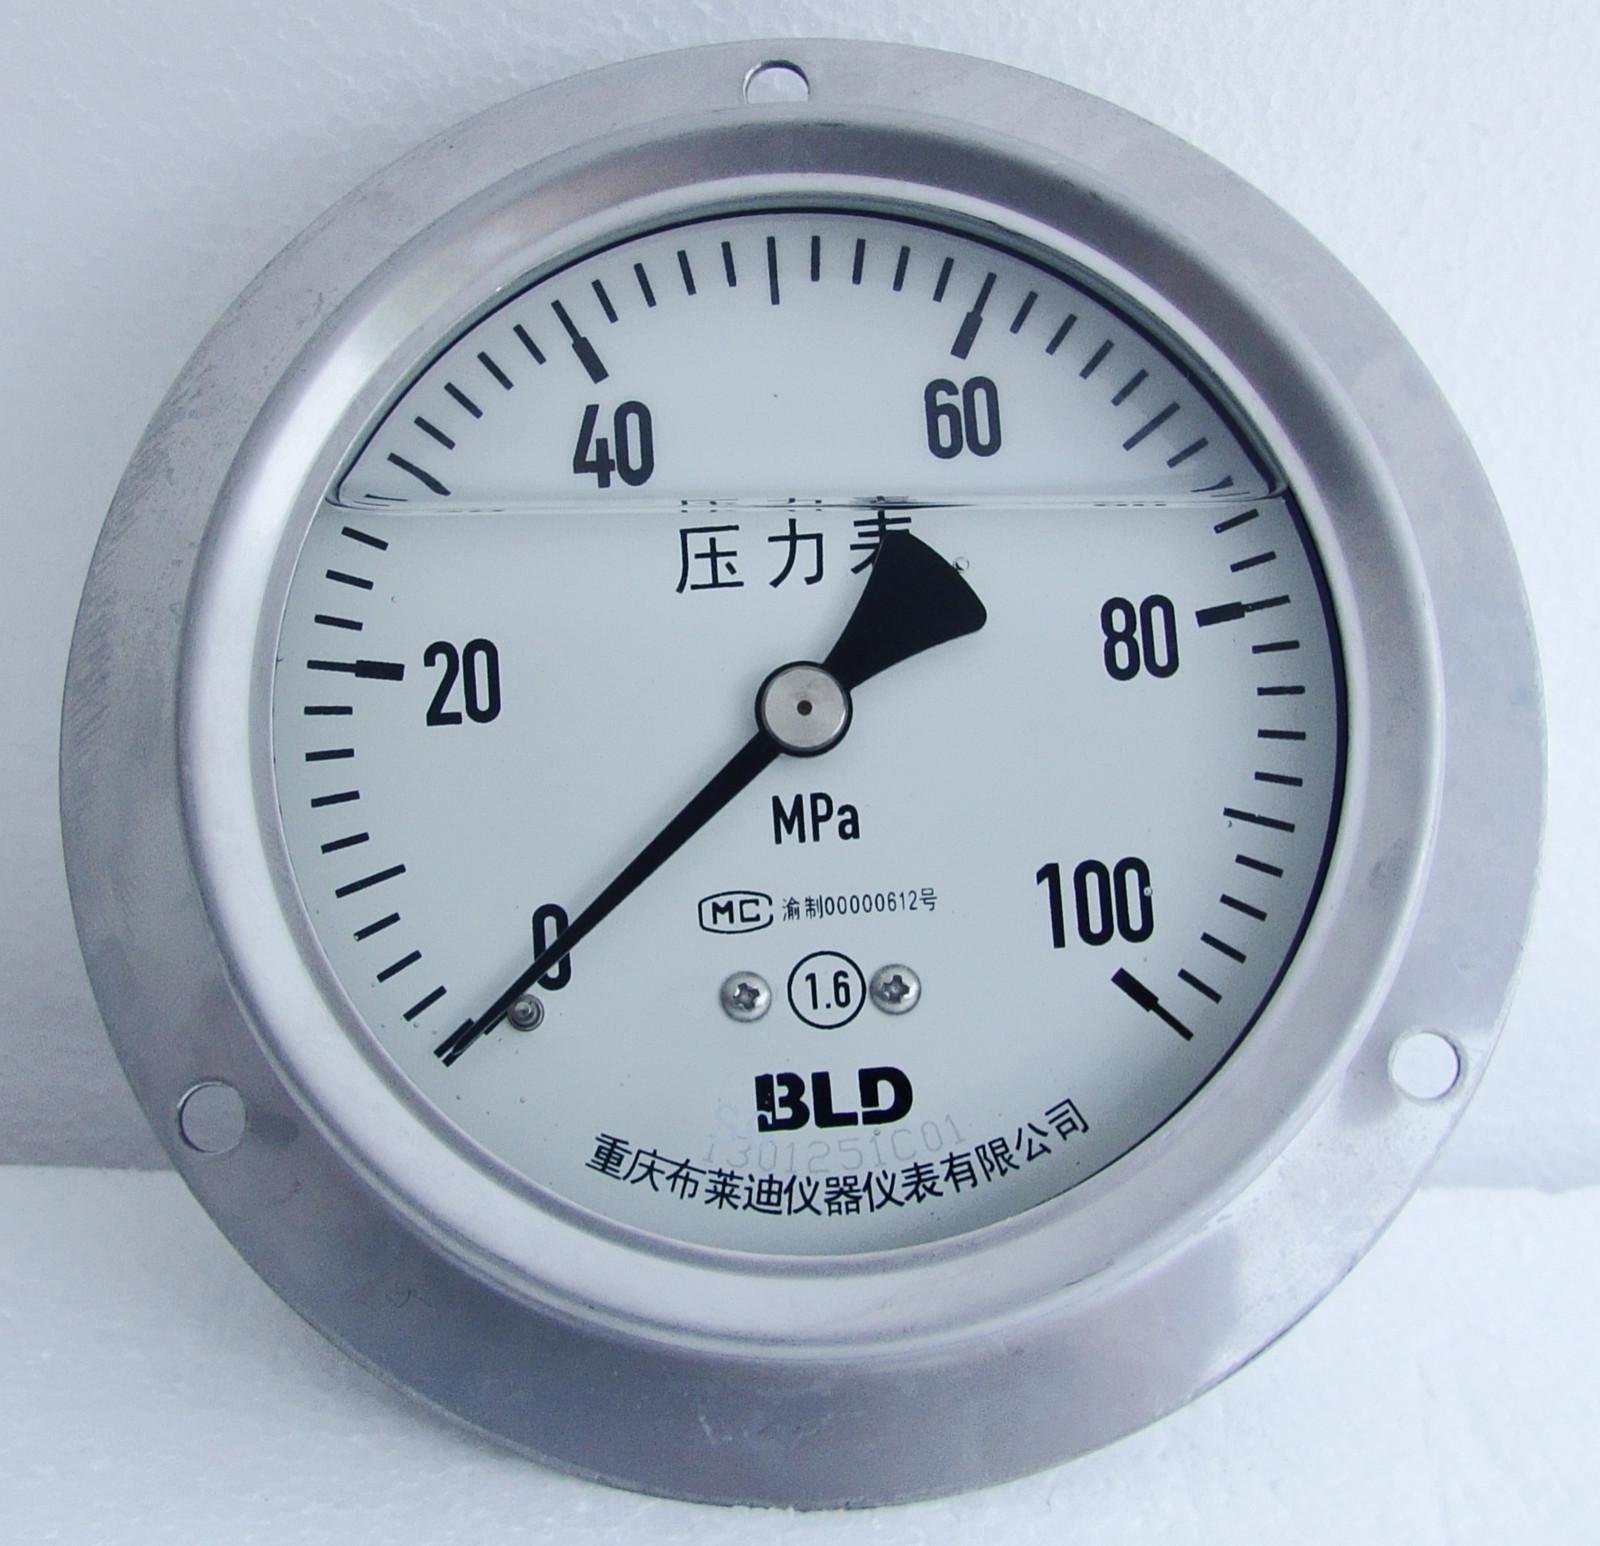 全鋼耐震壓力表軸向帶邊 YTHN-100.BZ  100MPa